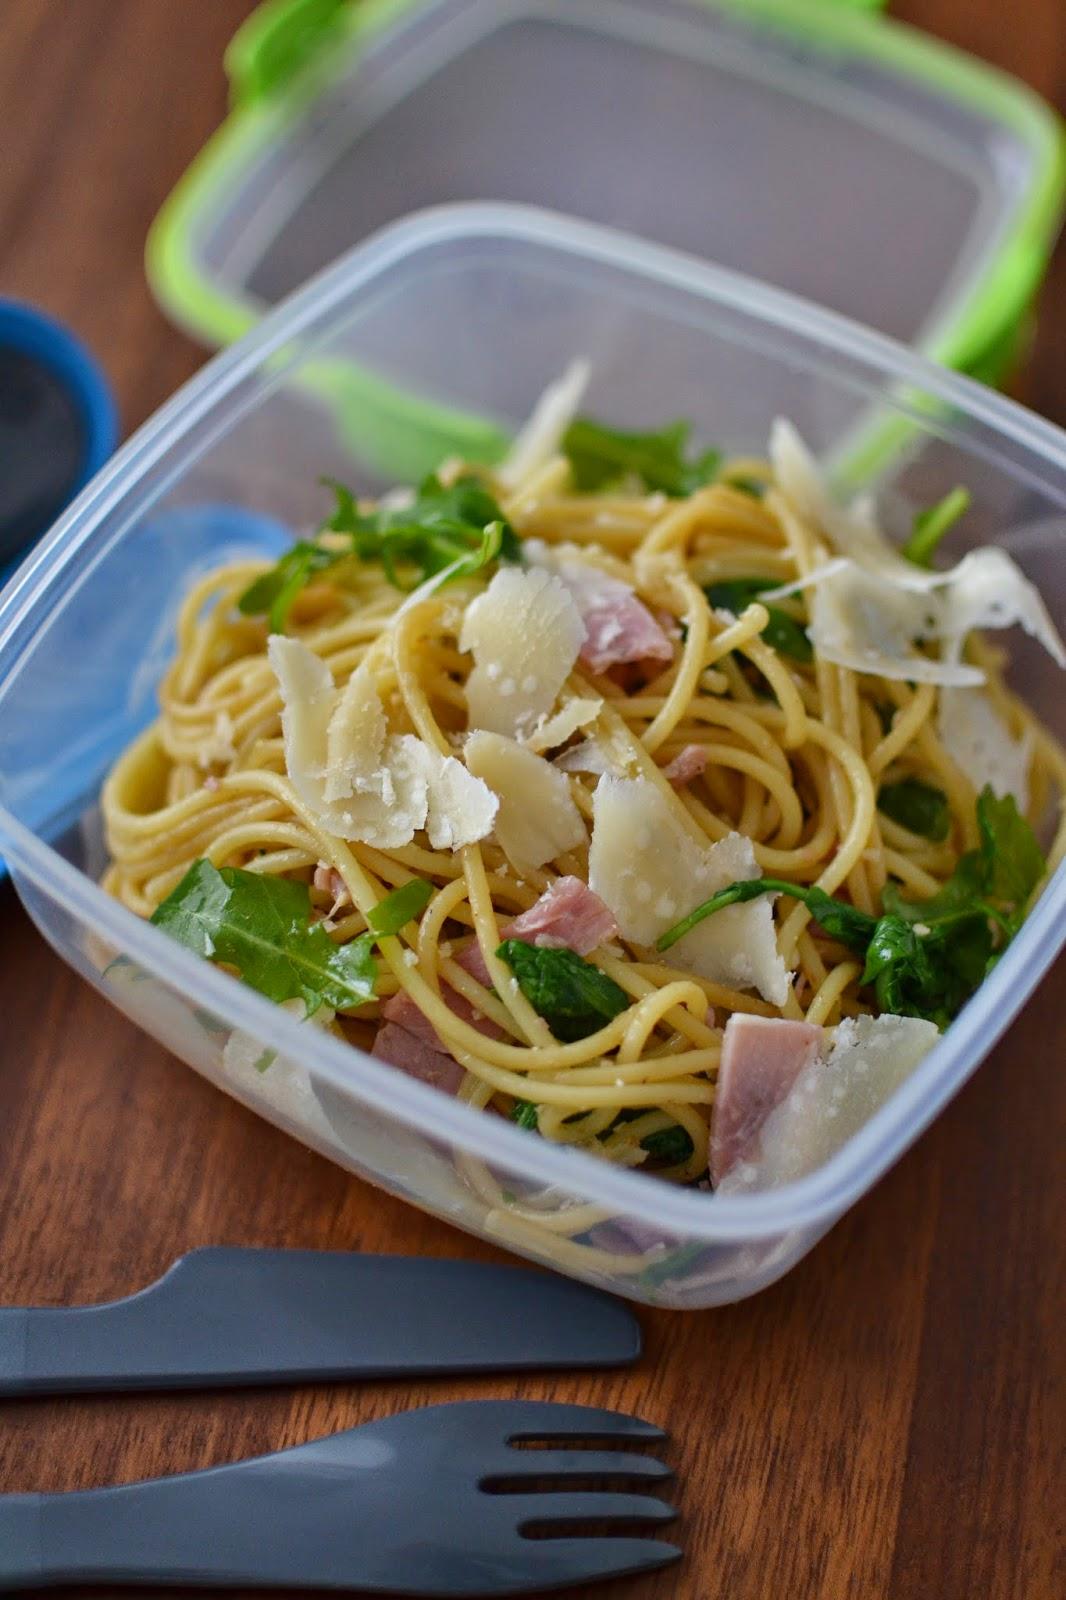 Simple comme une salade de p tes jambon roquette - Salade de pates jambon ...